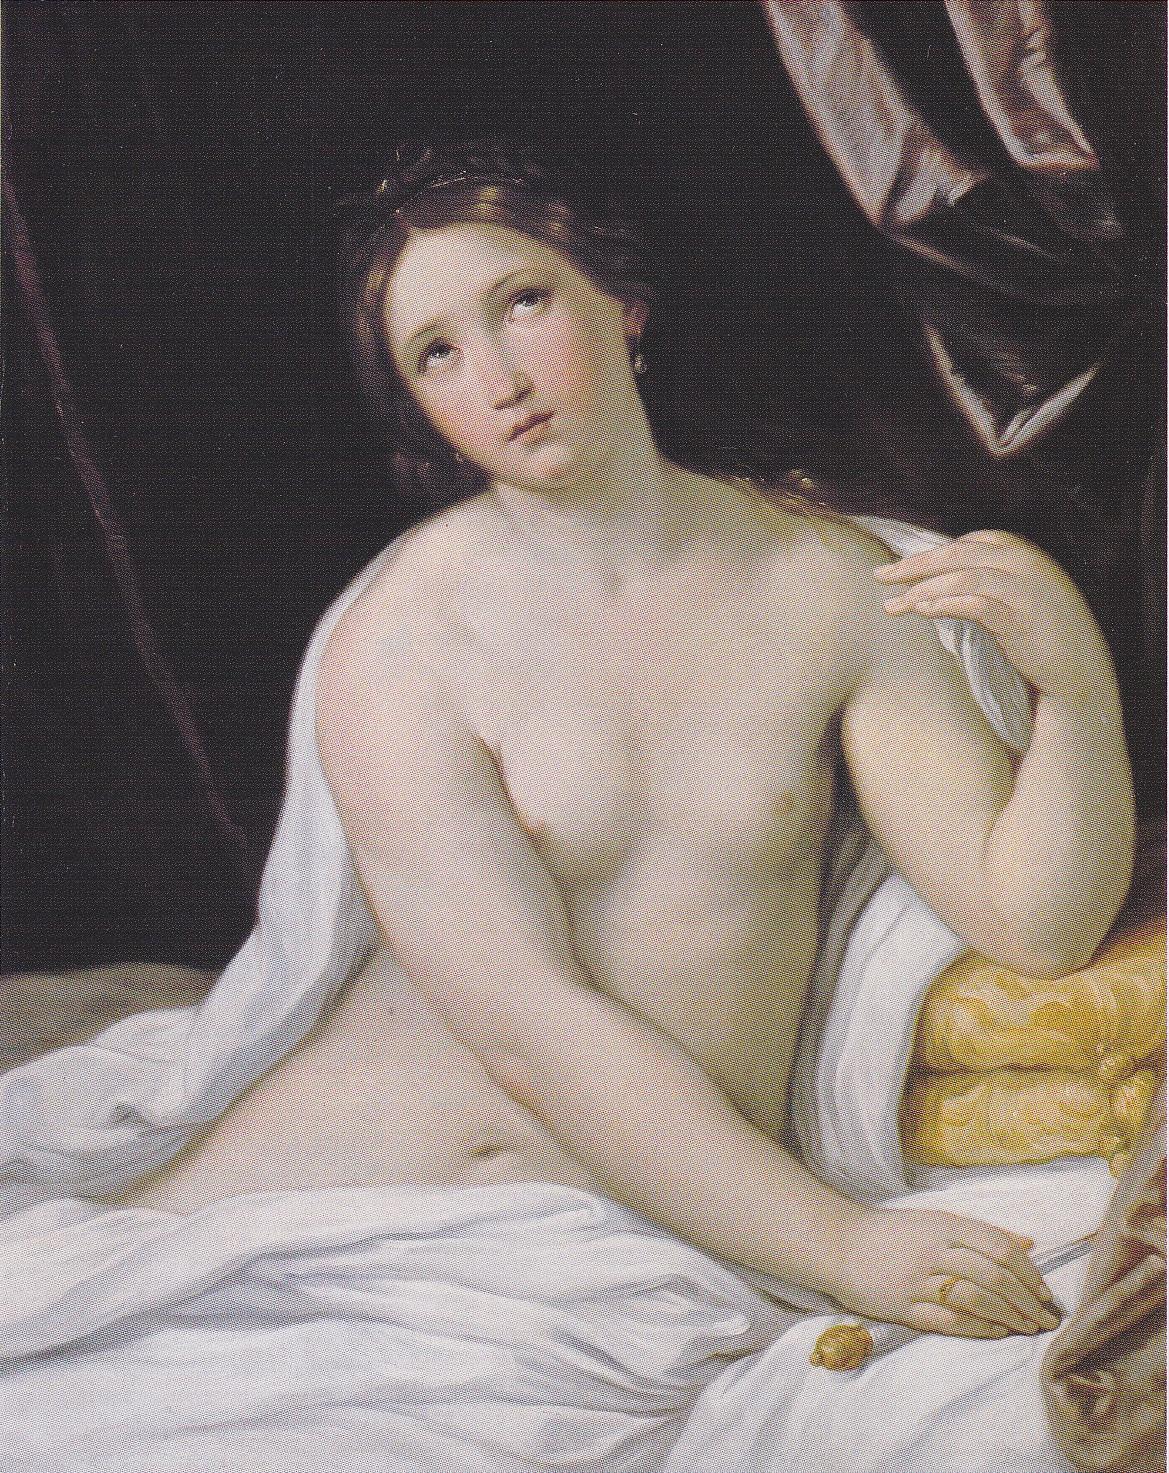 グイド・レーニ_ルクレティア_国立西洋美術館